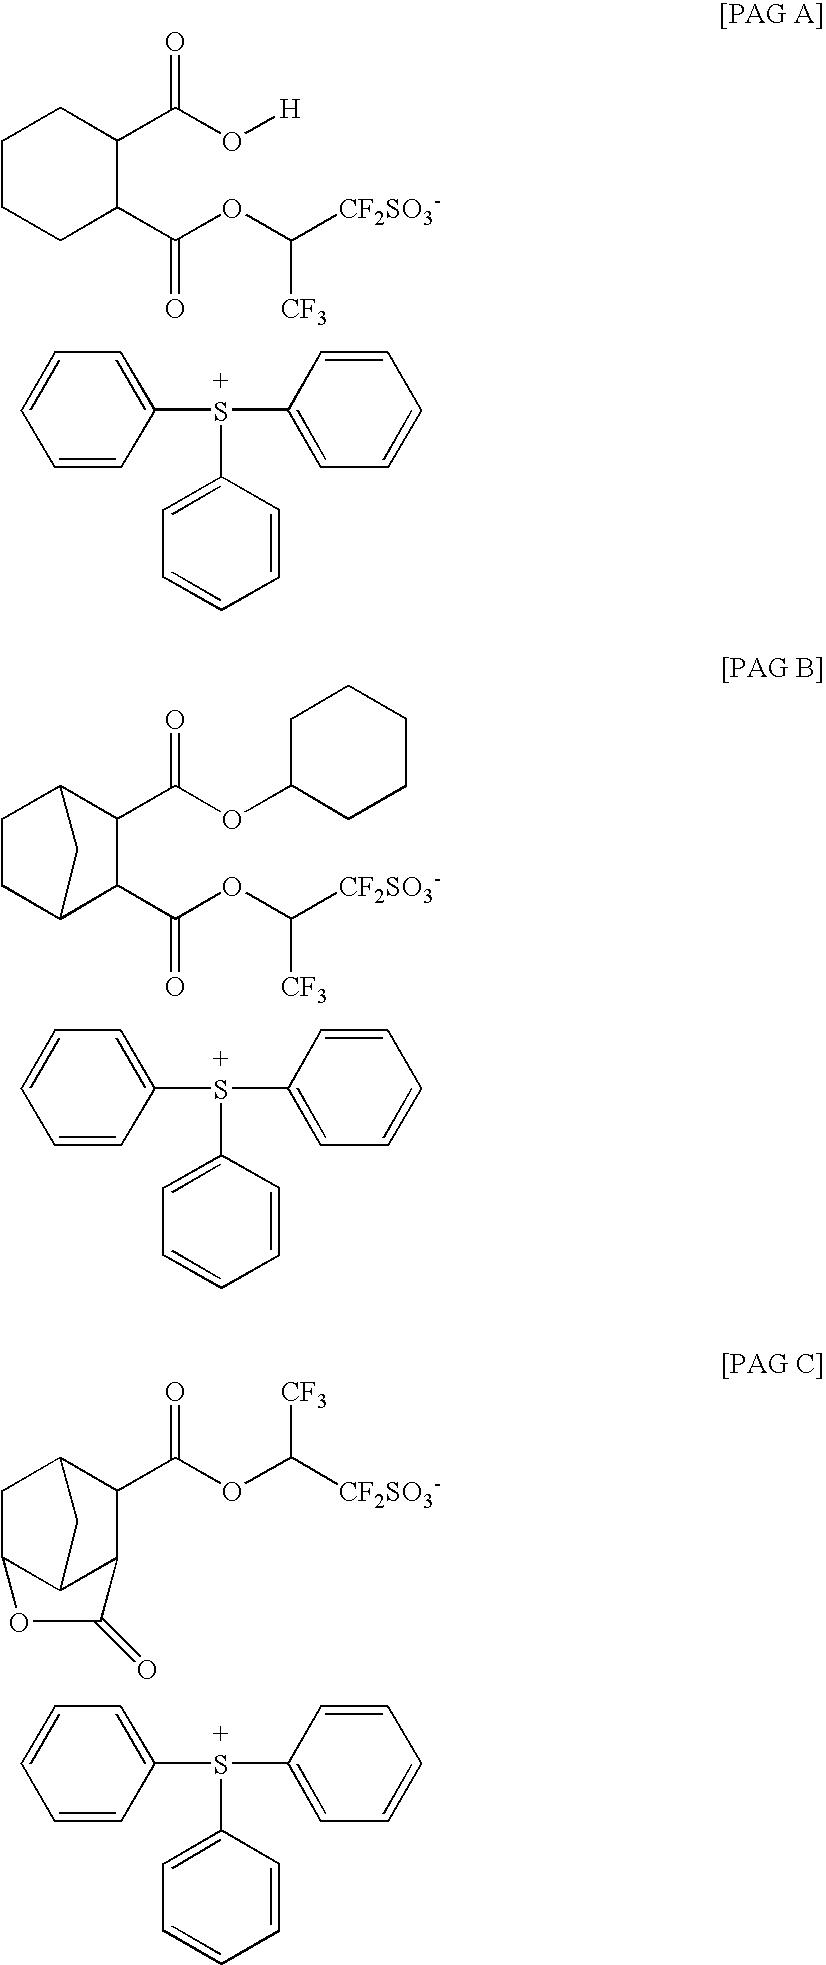 Figure US20080085469A1-20080410-C00034